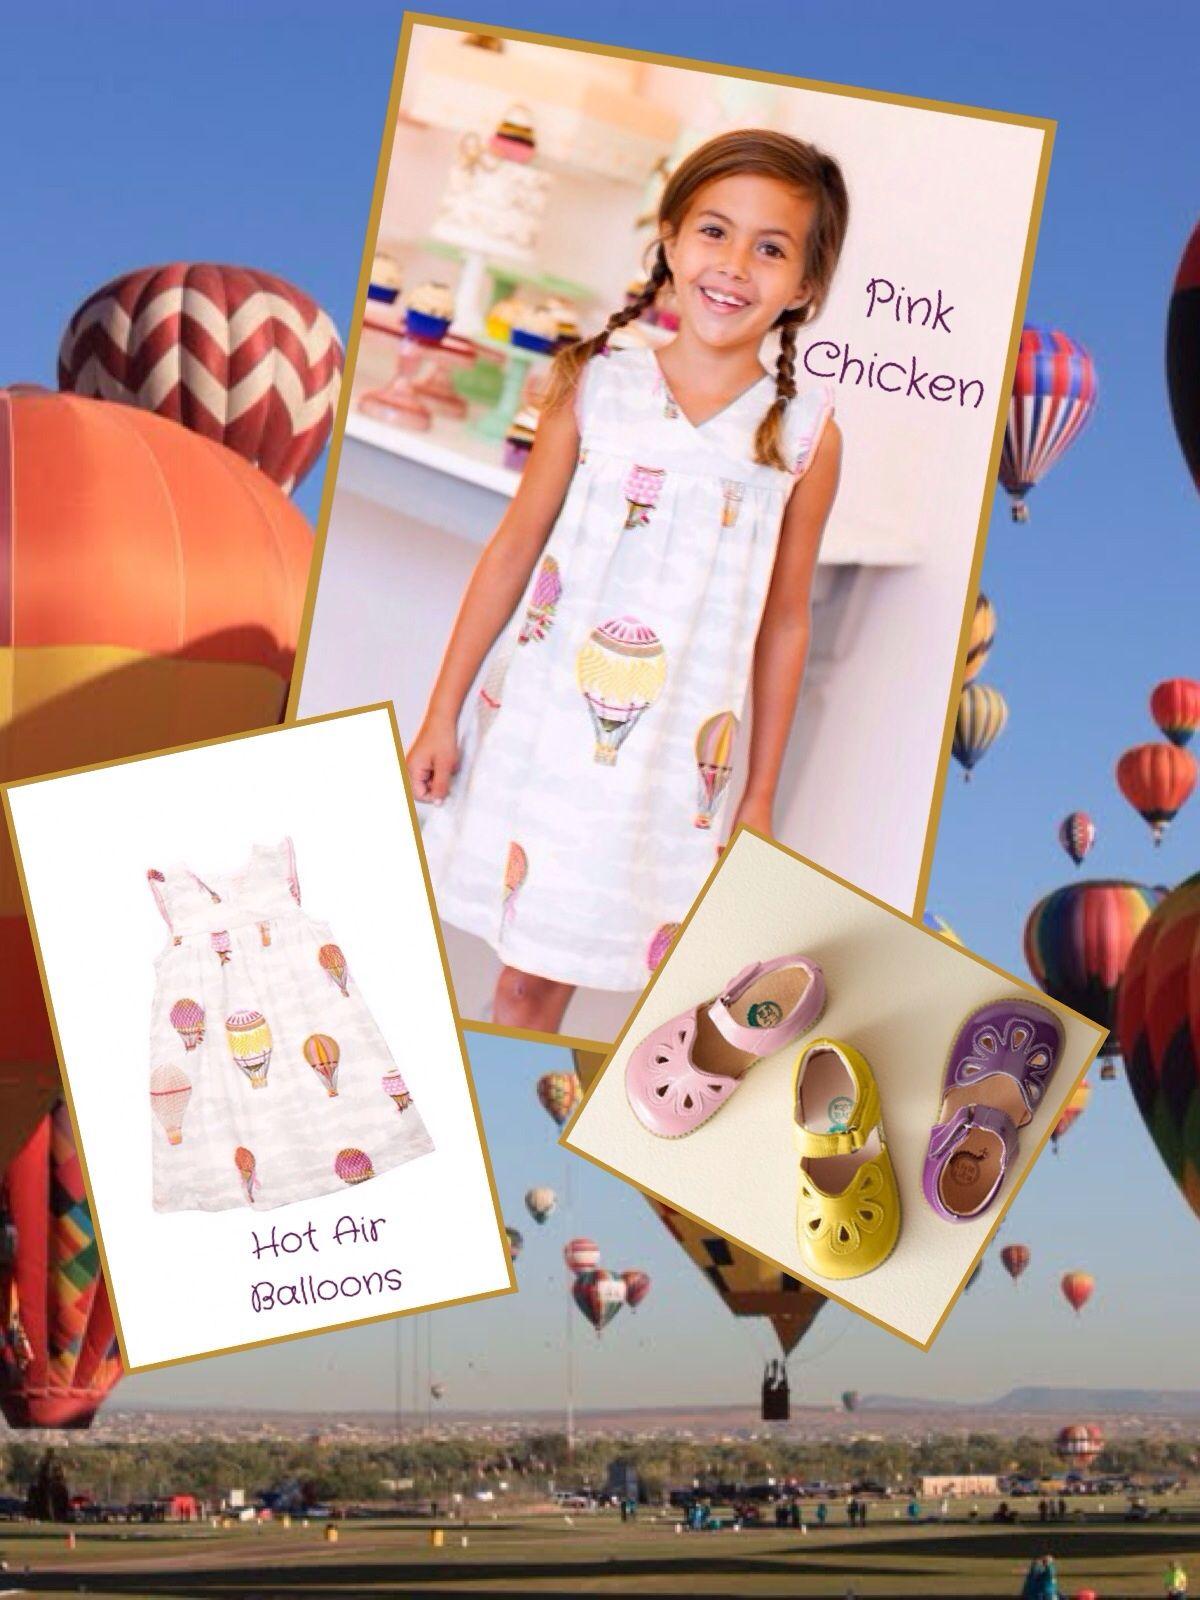 Pink Chicken Hot Air Balloon Sun Dress and Livie and Luca Petal Sandals